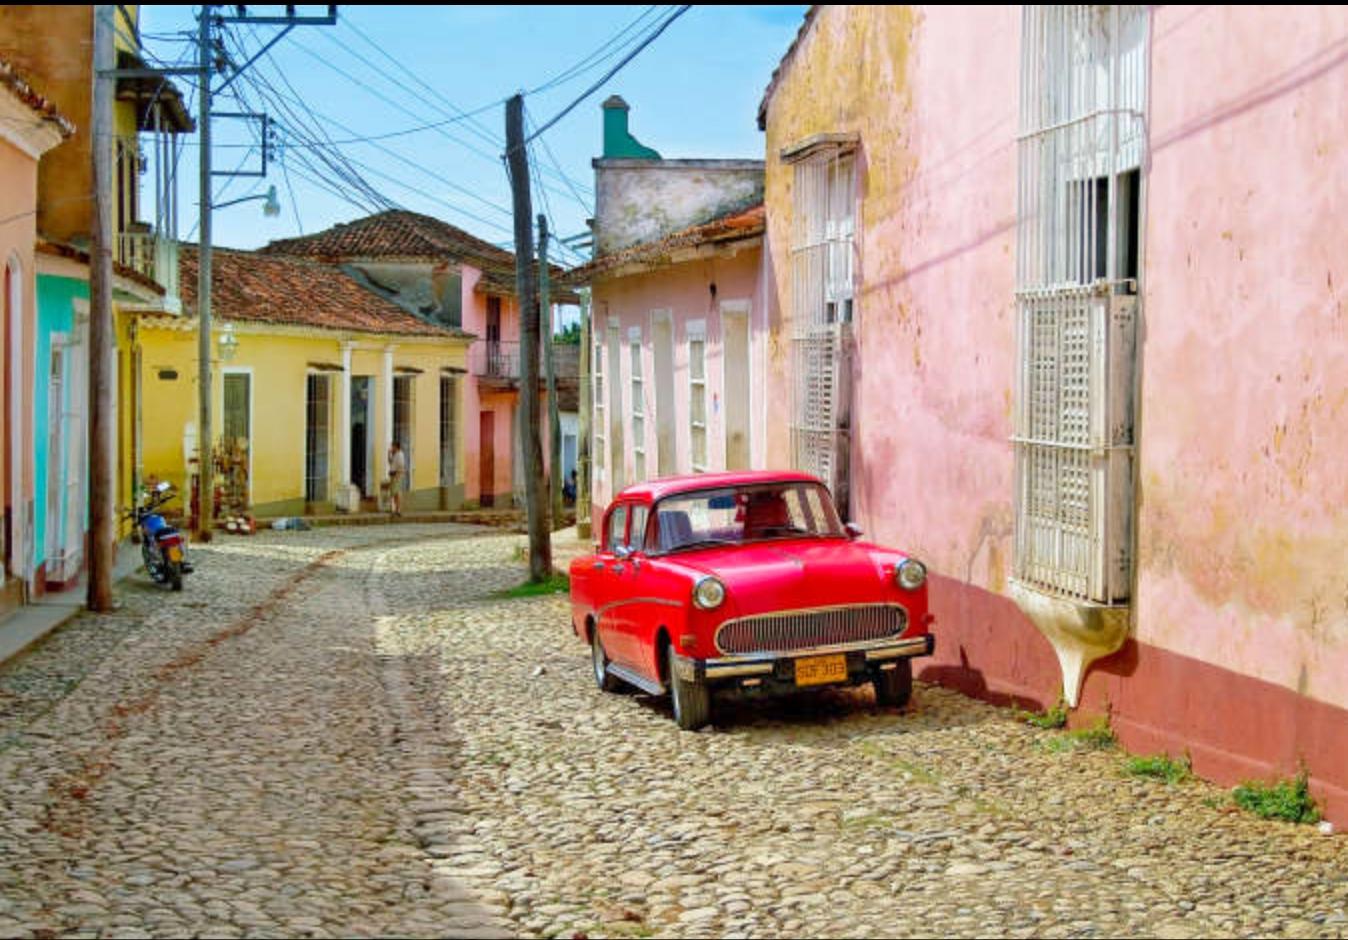 CUBA: Apollo har god omstening på turene til Cuba, og anbefaler dette for venner og venninner som vil på tur sammen. FOTO: APOLLO.